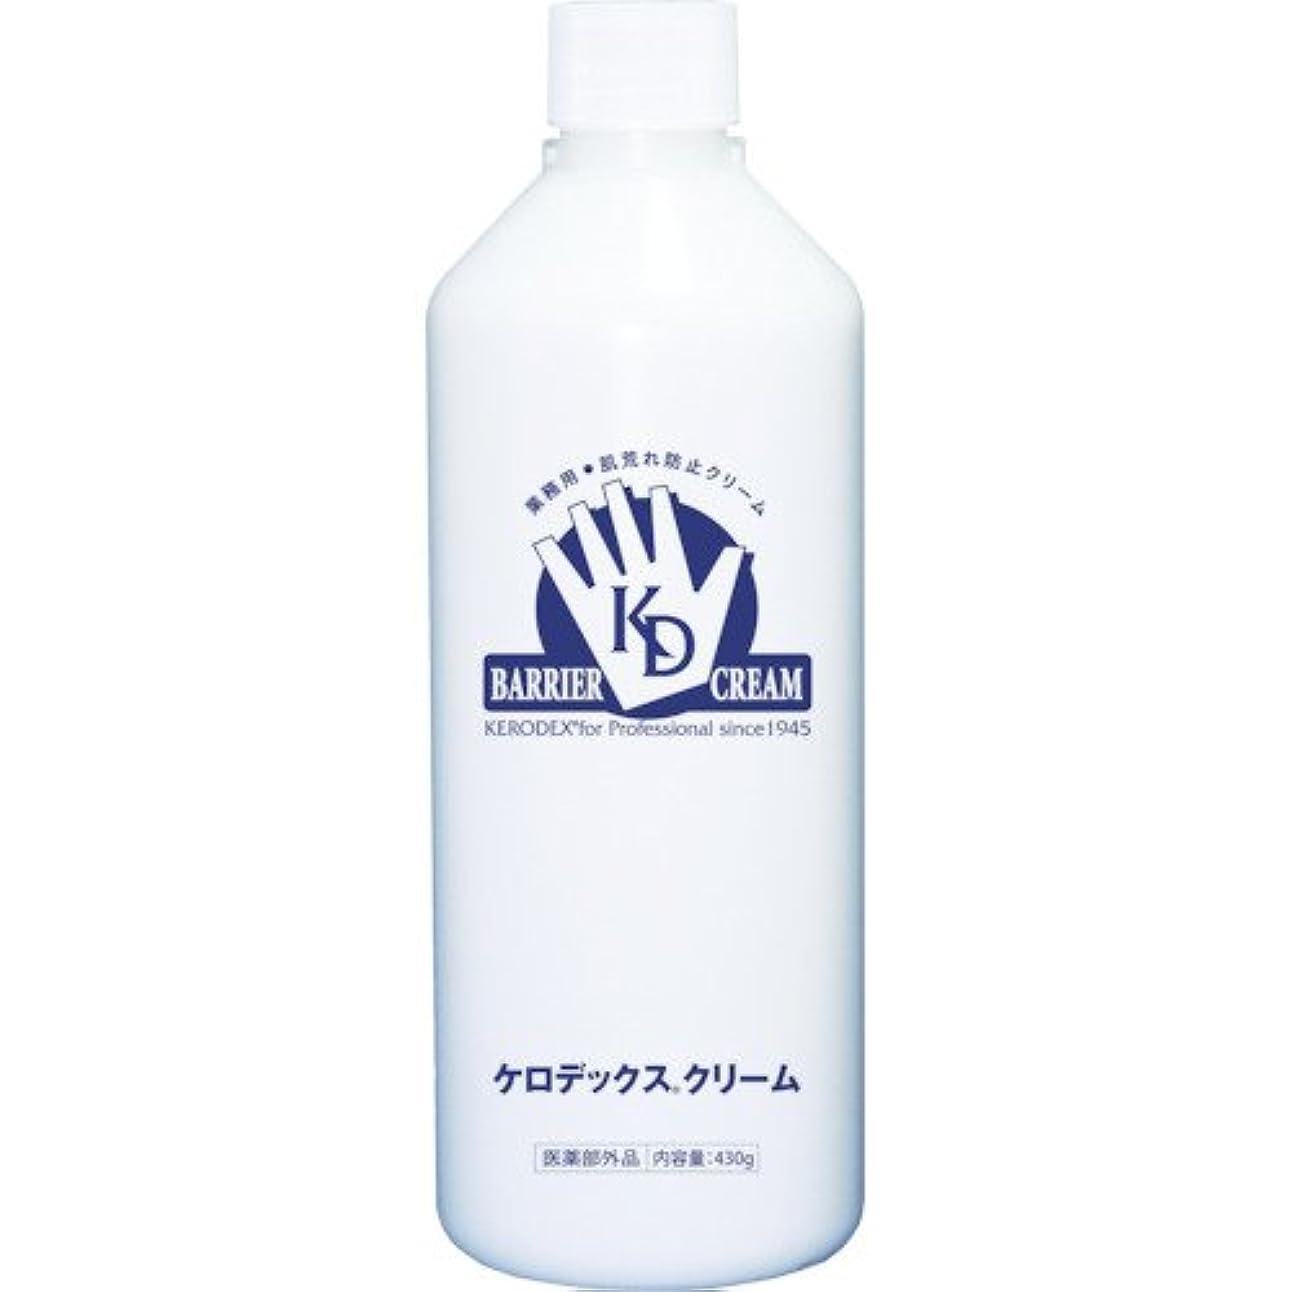 ポーン打ち上げるサイトケロデックスクリーム ボトルタイプ 詰替用 430g